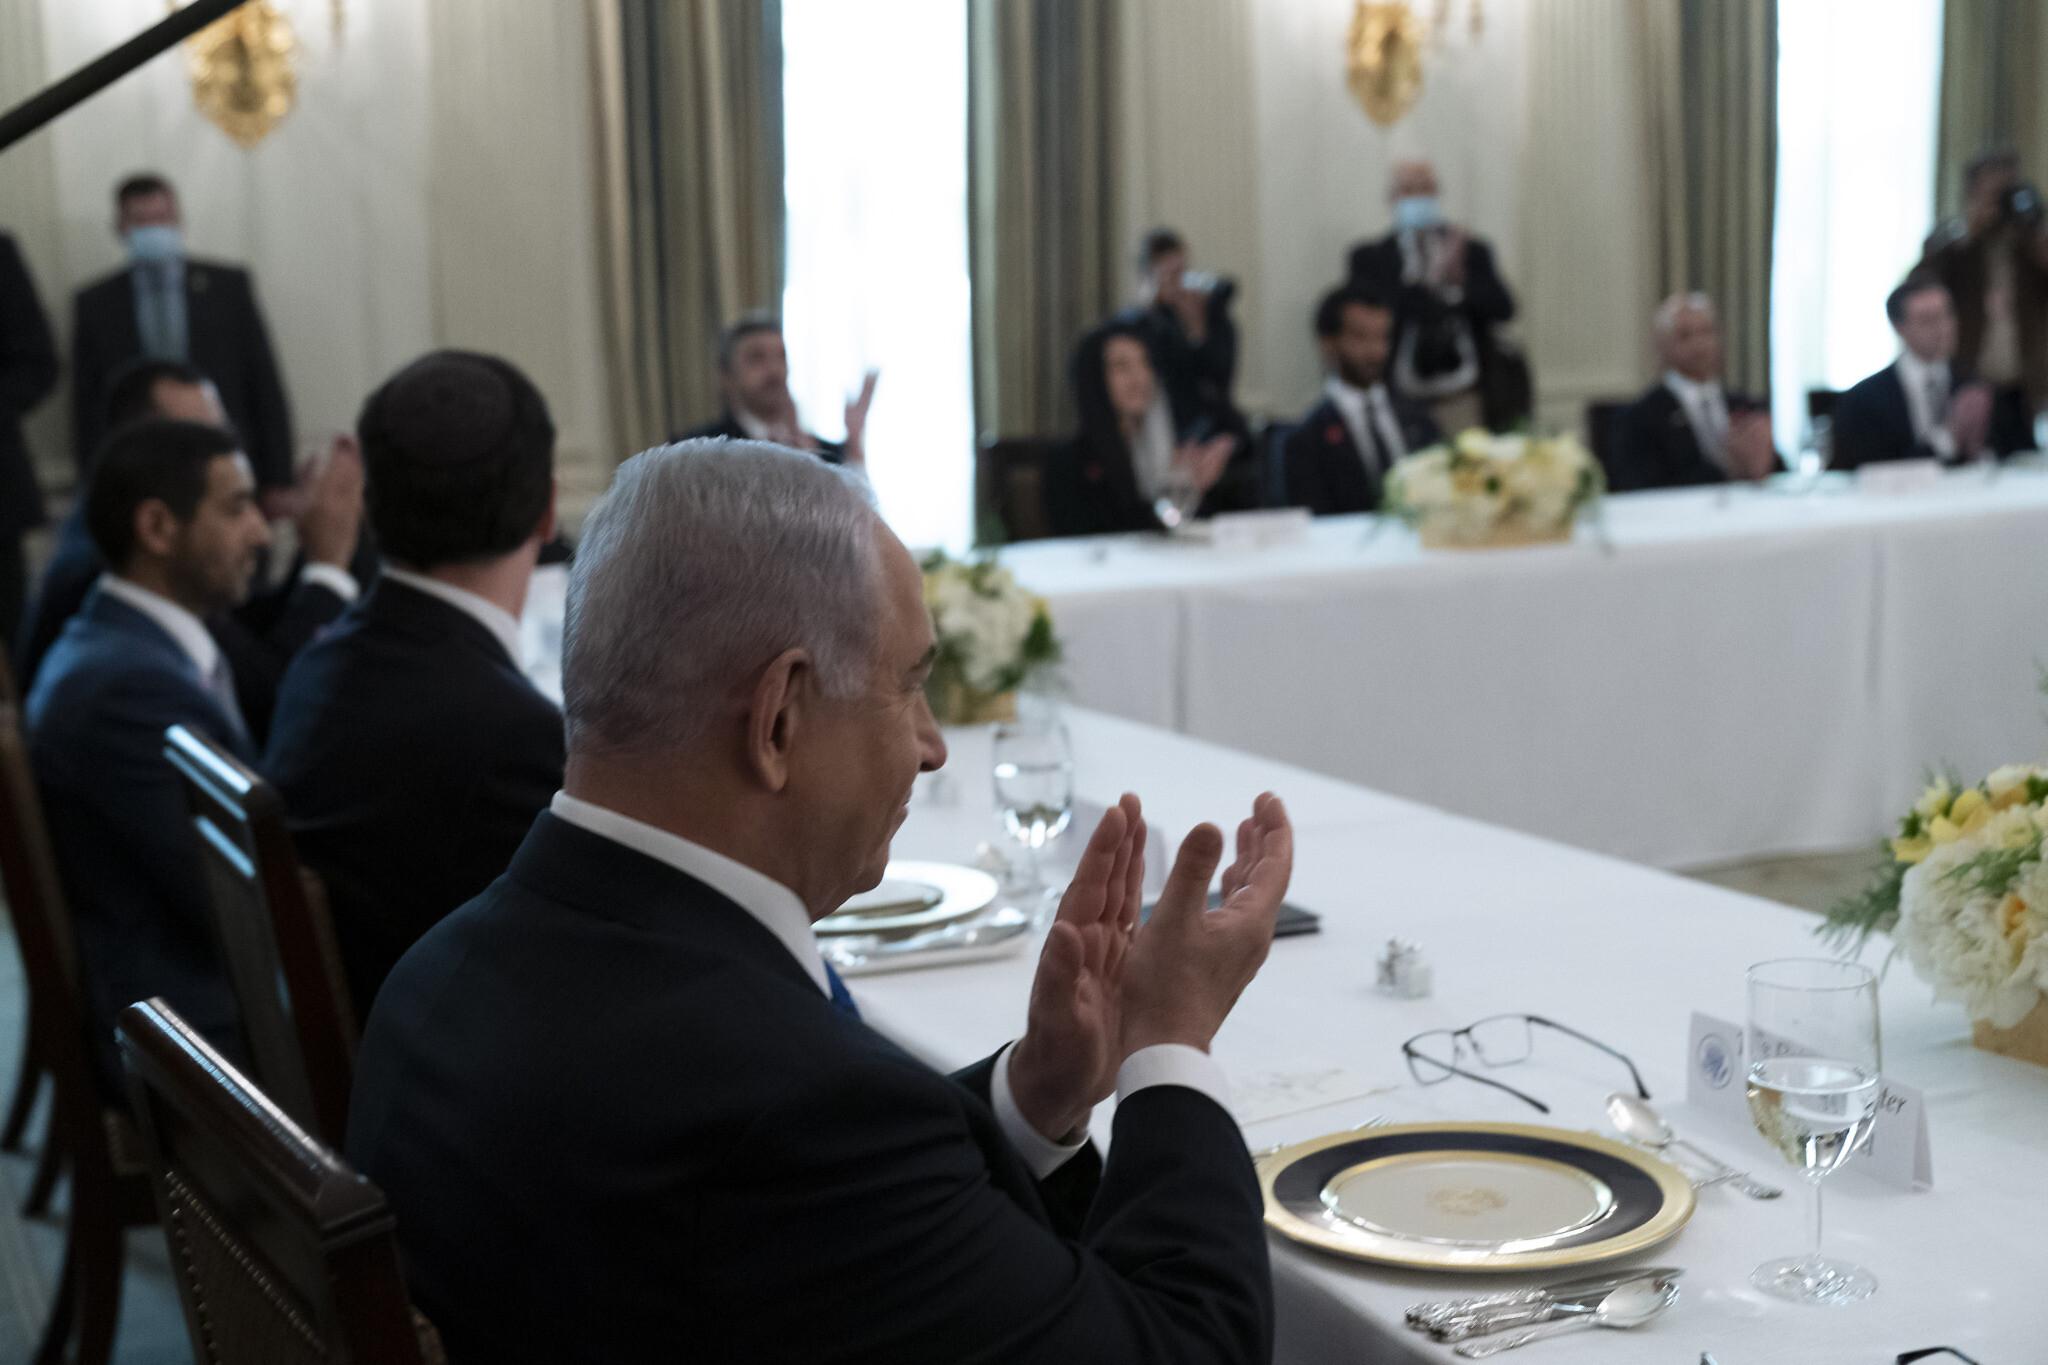 Diplomatie:Les Bahreinis Opposés Au Rapprochement Avec Israël